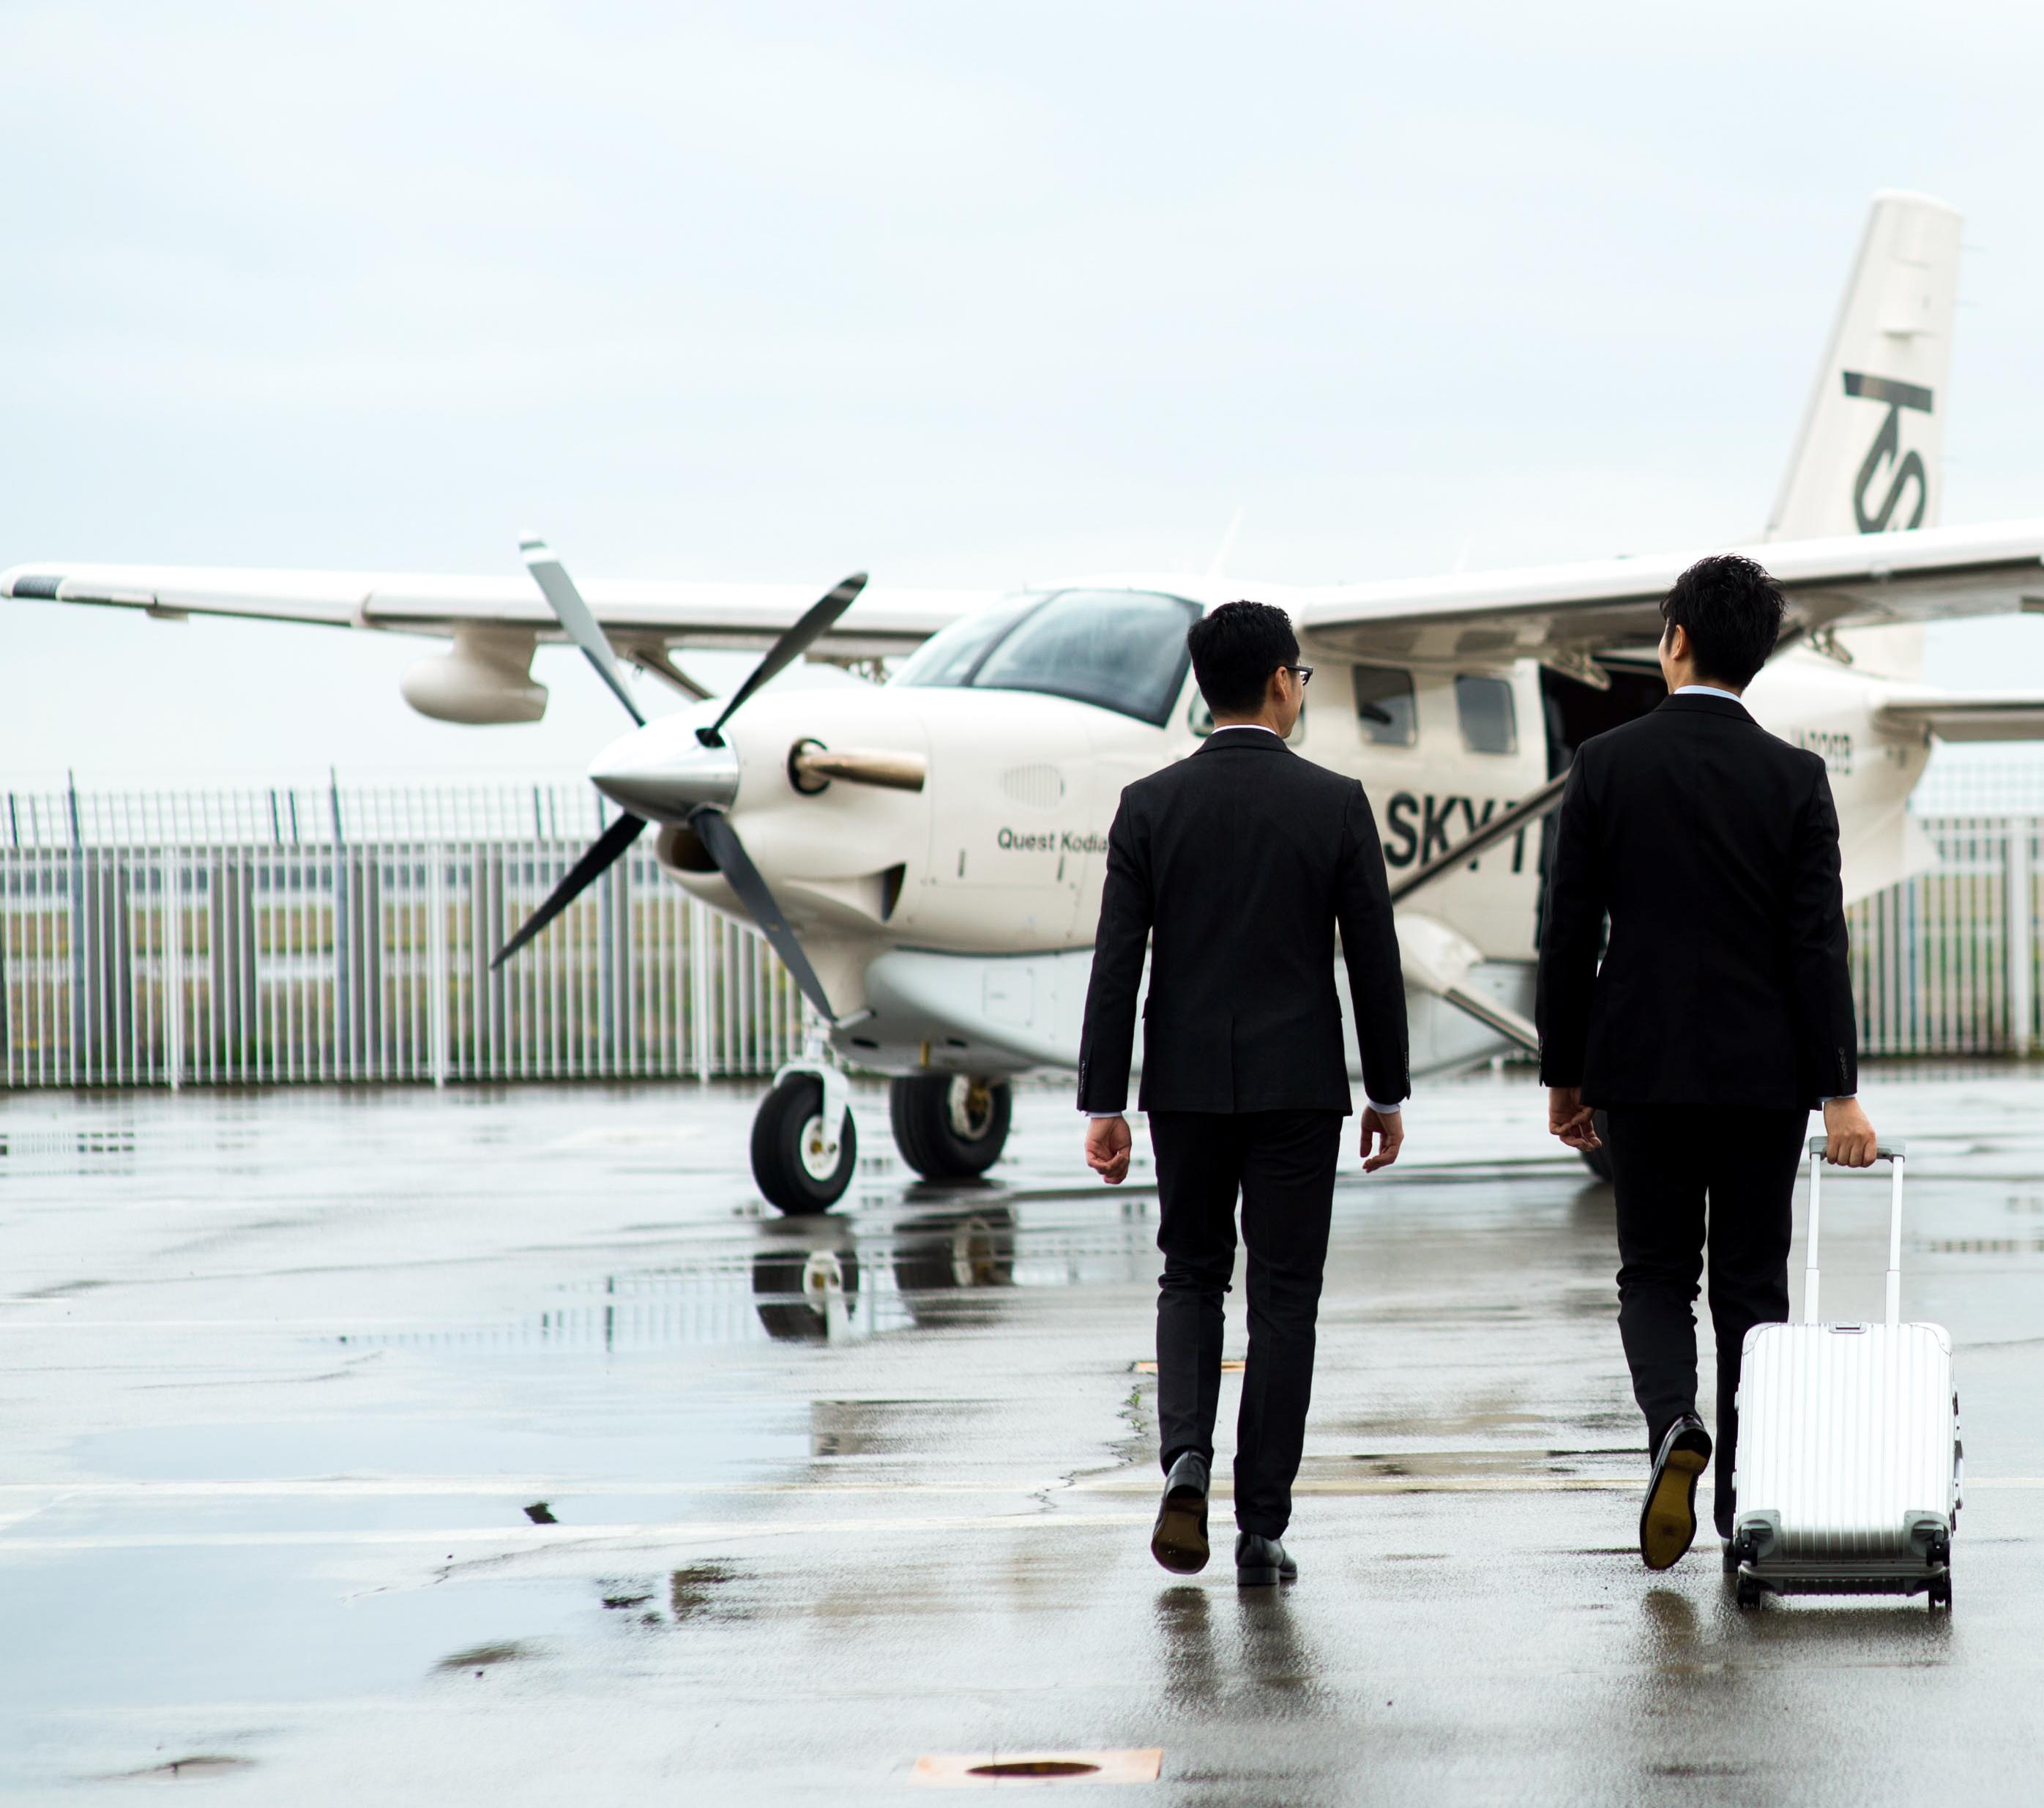 ビジネスジェット機チャーターのメリット